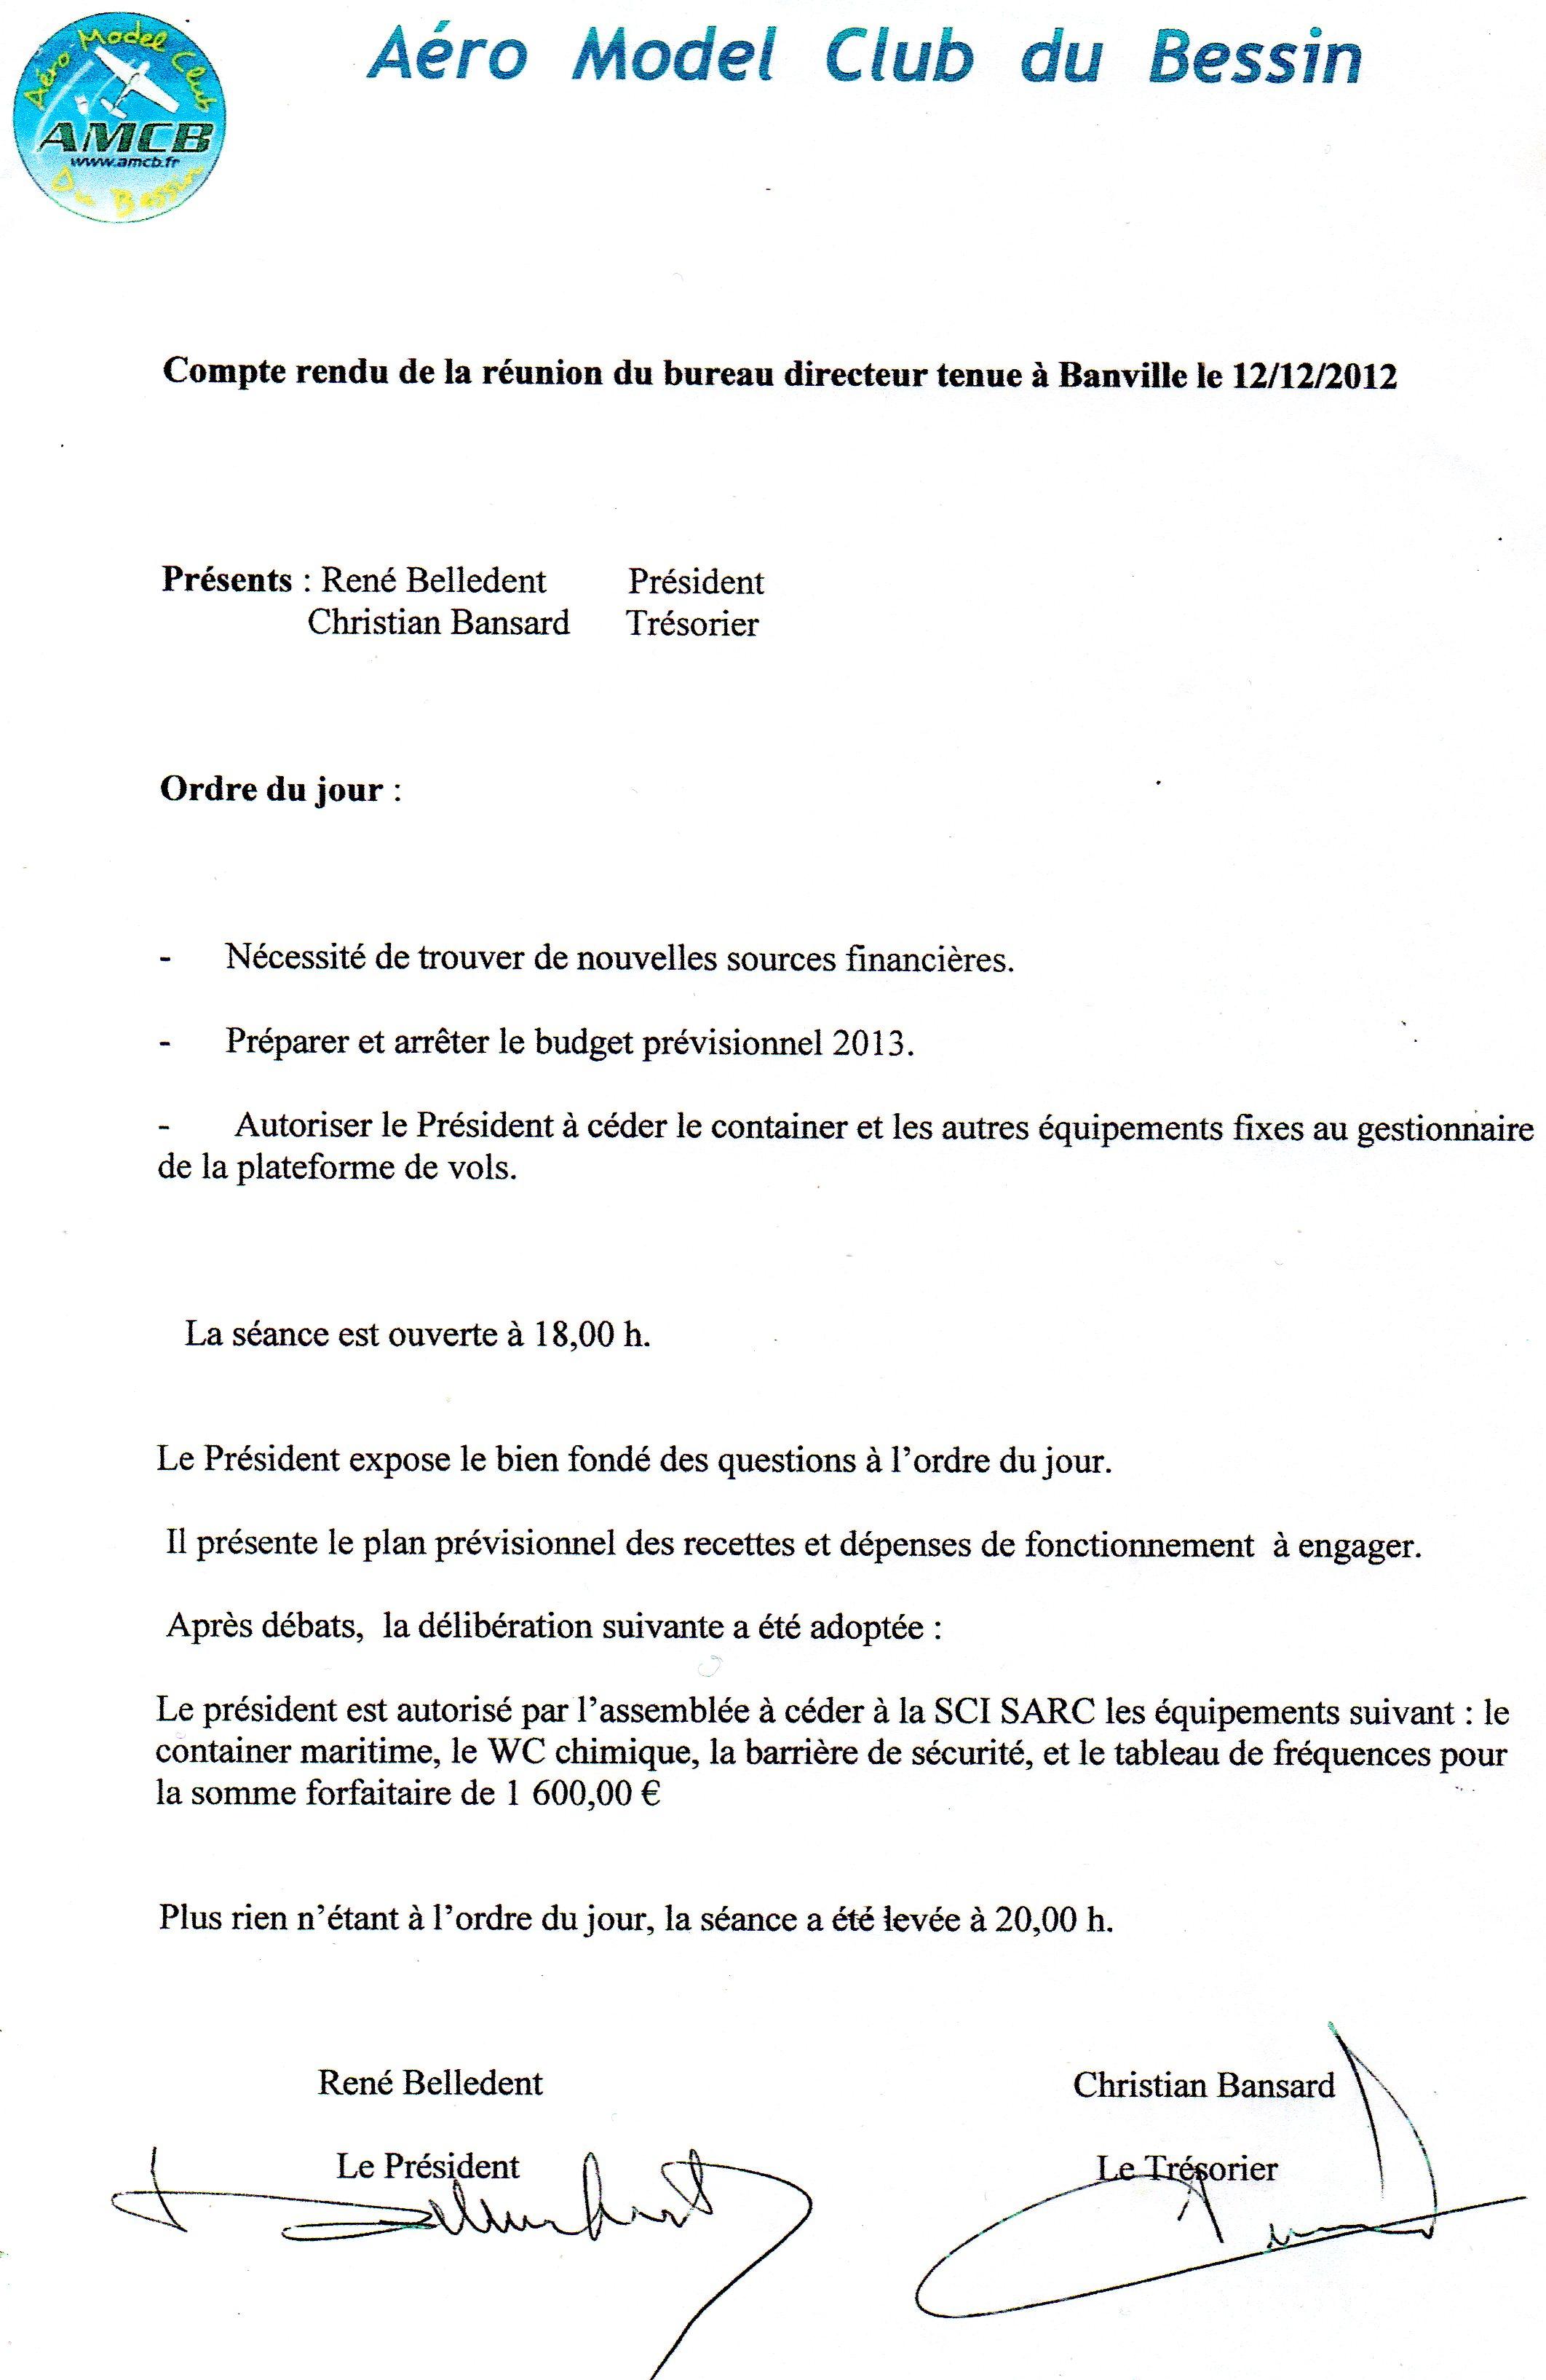 Fonctionnement Wc Chimique dedans comptes rendus assemblées générales (2004 à 2015) - site de amcb !